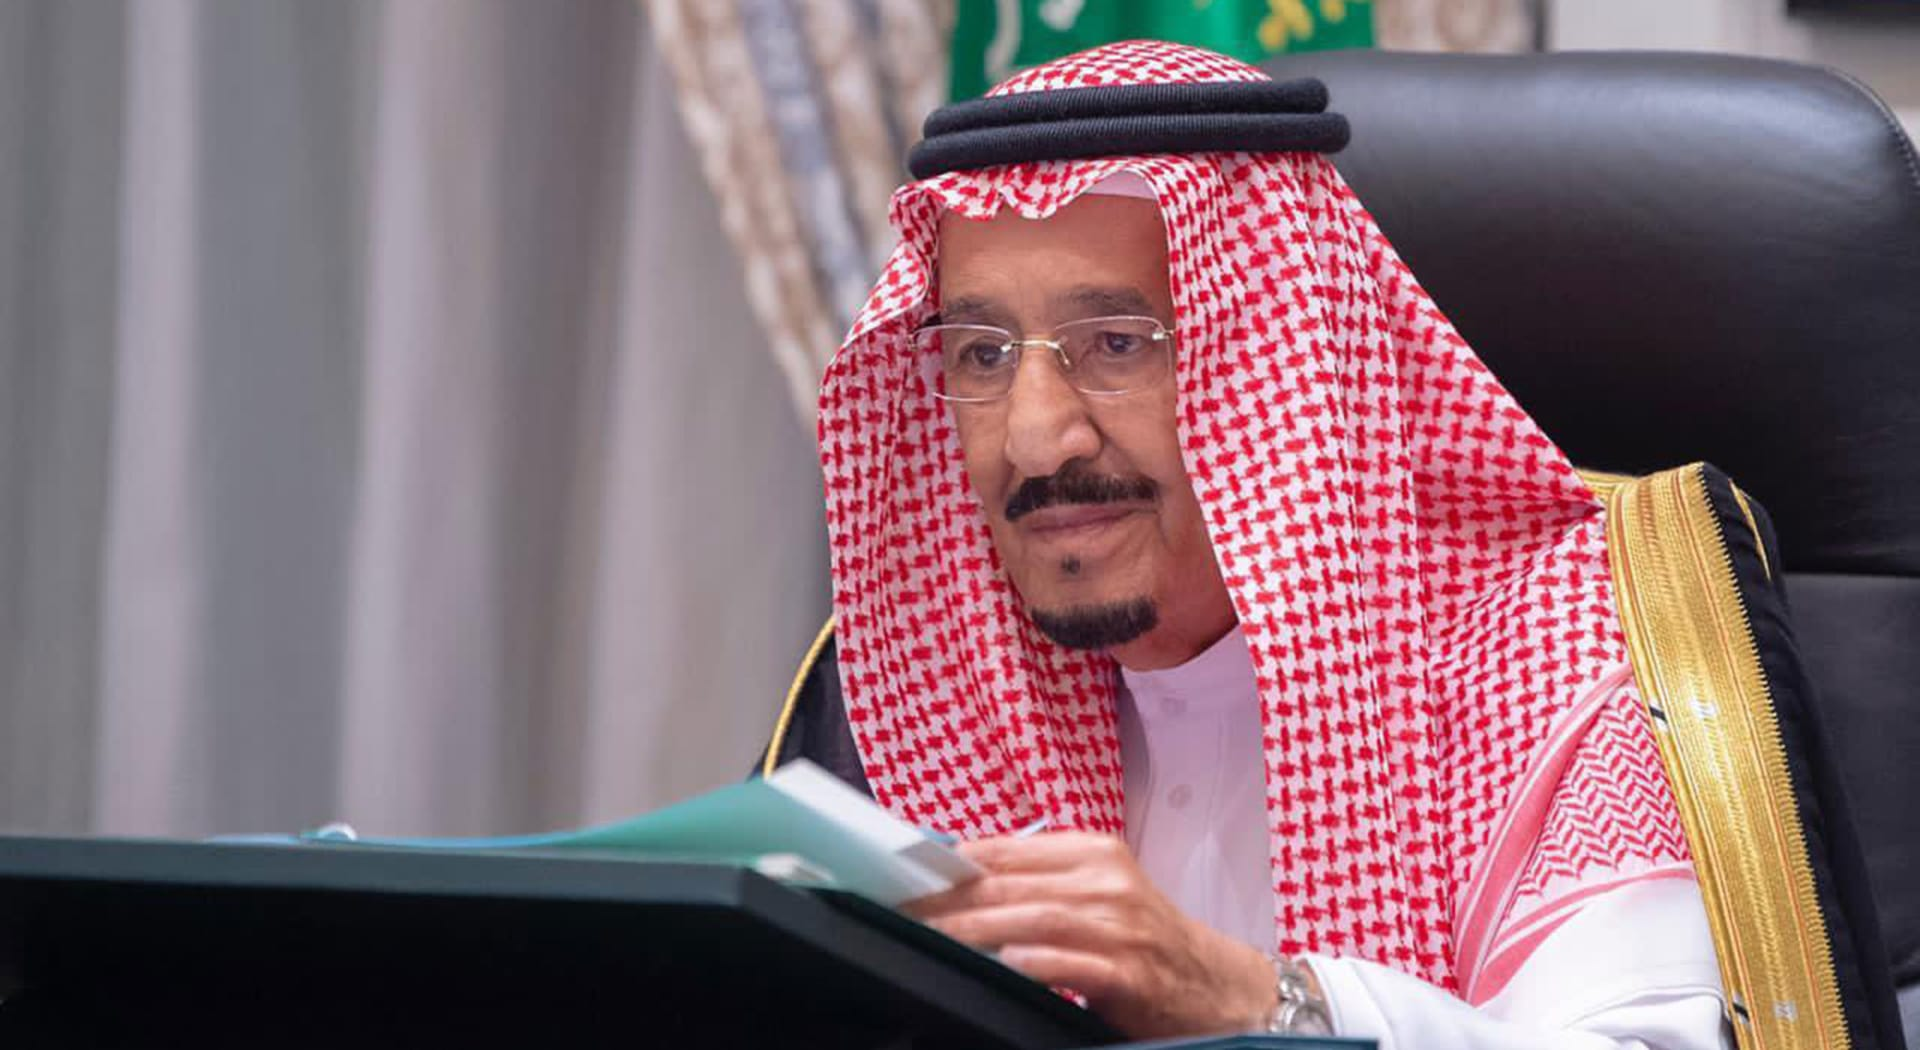 عاهل السعودية الملك سلمان بن عبدالعزيز